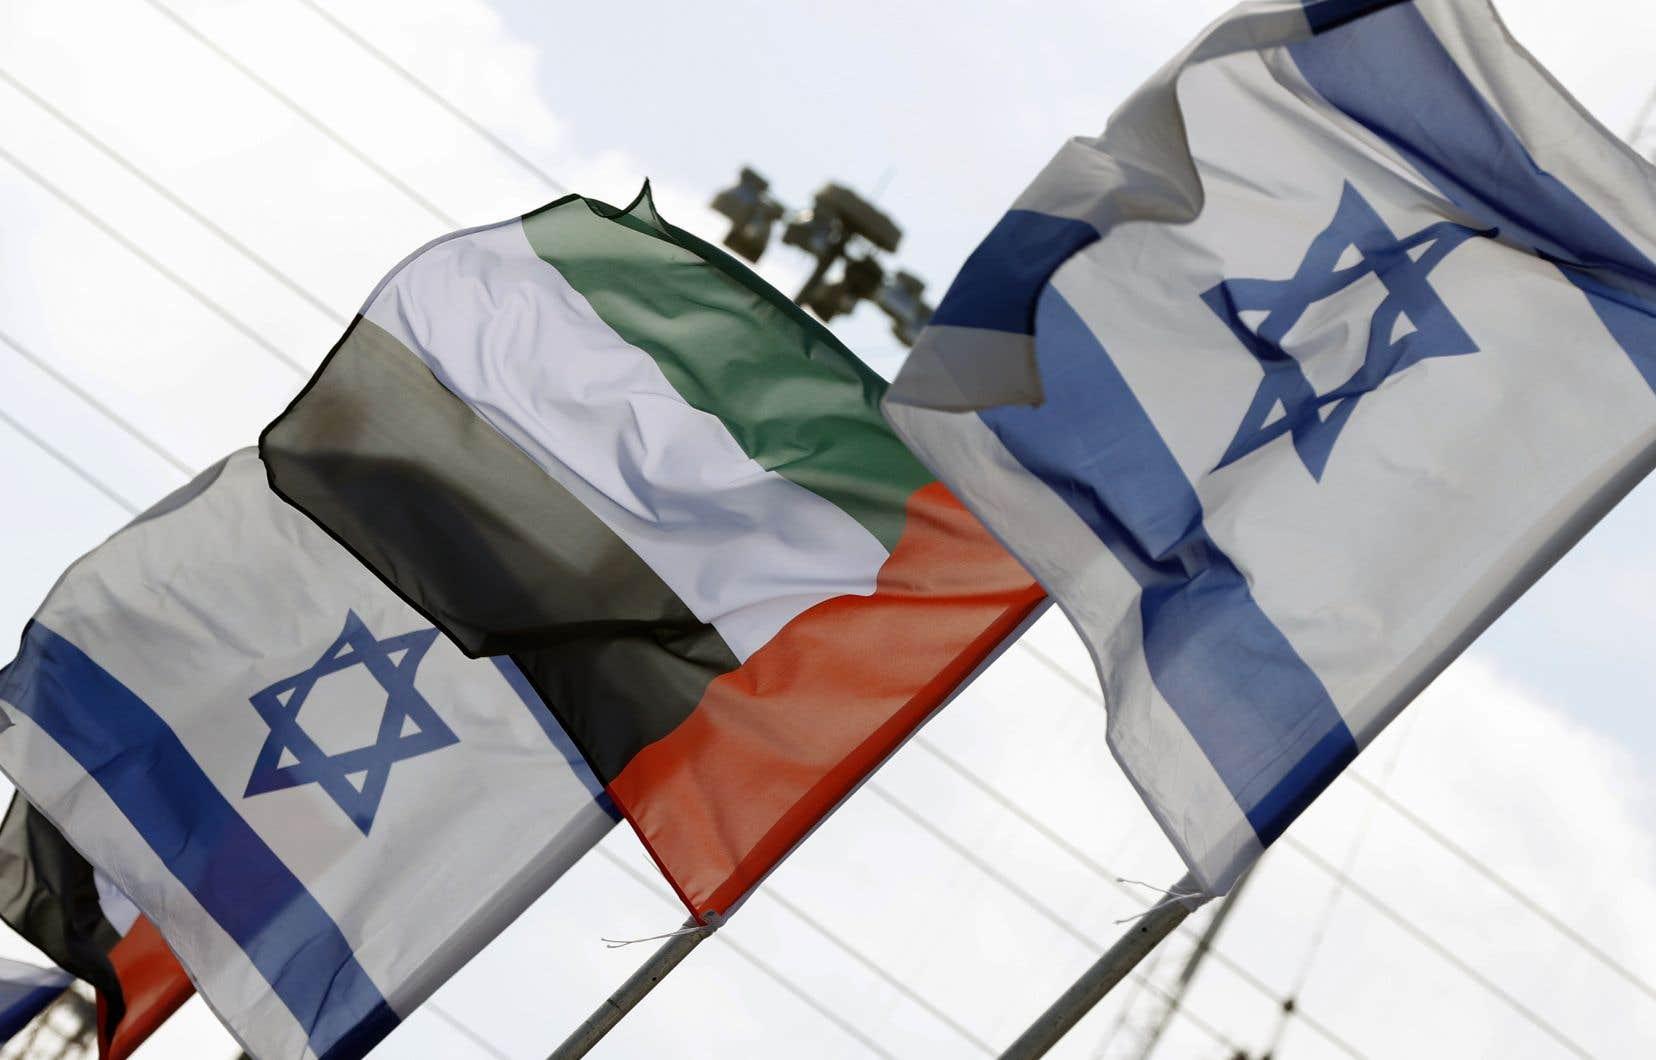 «Cet accord de paix a établi un avenir visionnaire de prospérité dans la région pour les générations à venir», pense l'auteur.